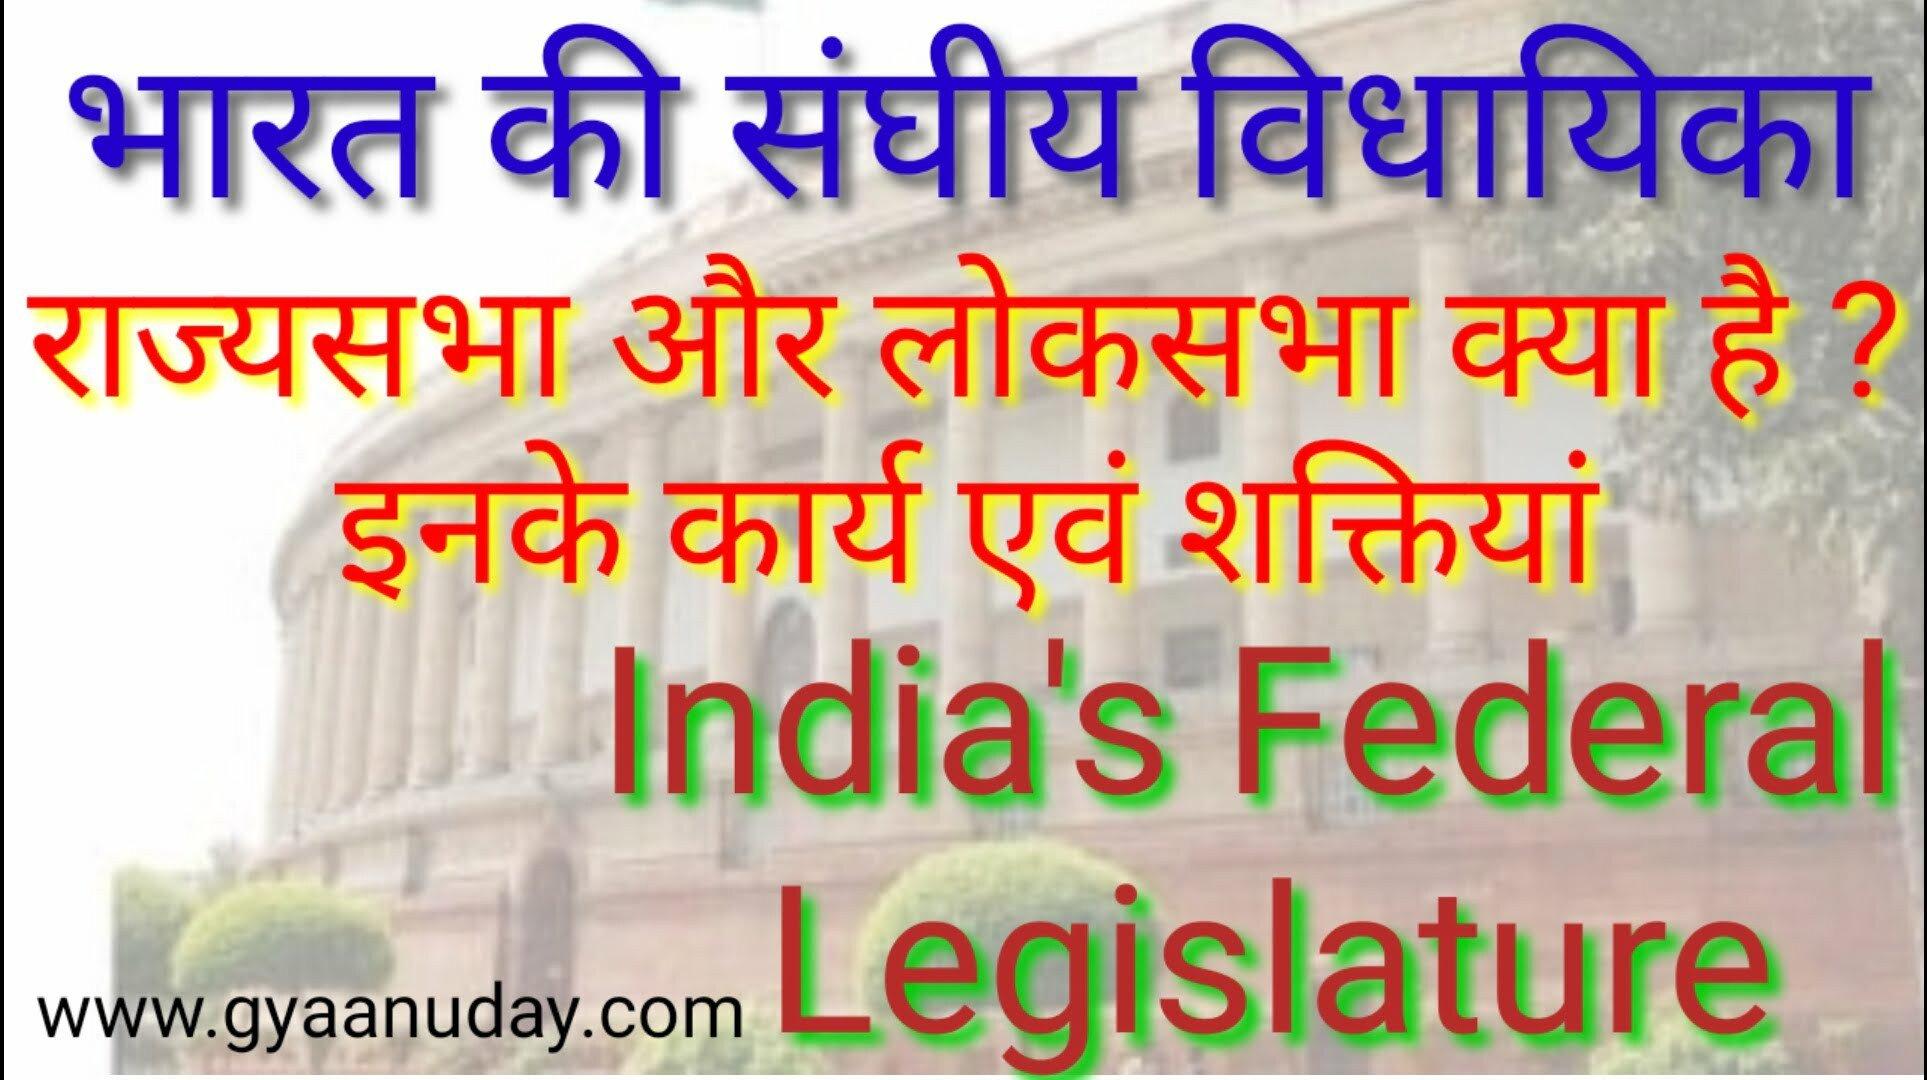 भारत की संघीय विधायिका